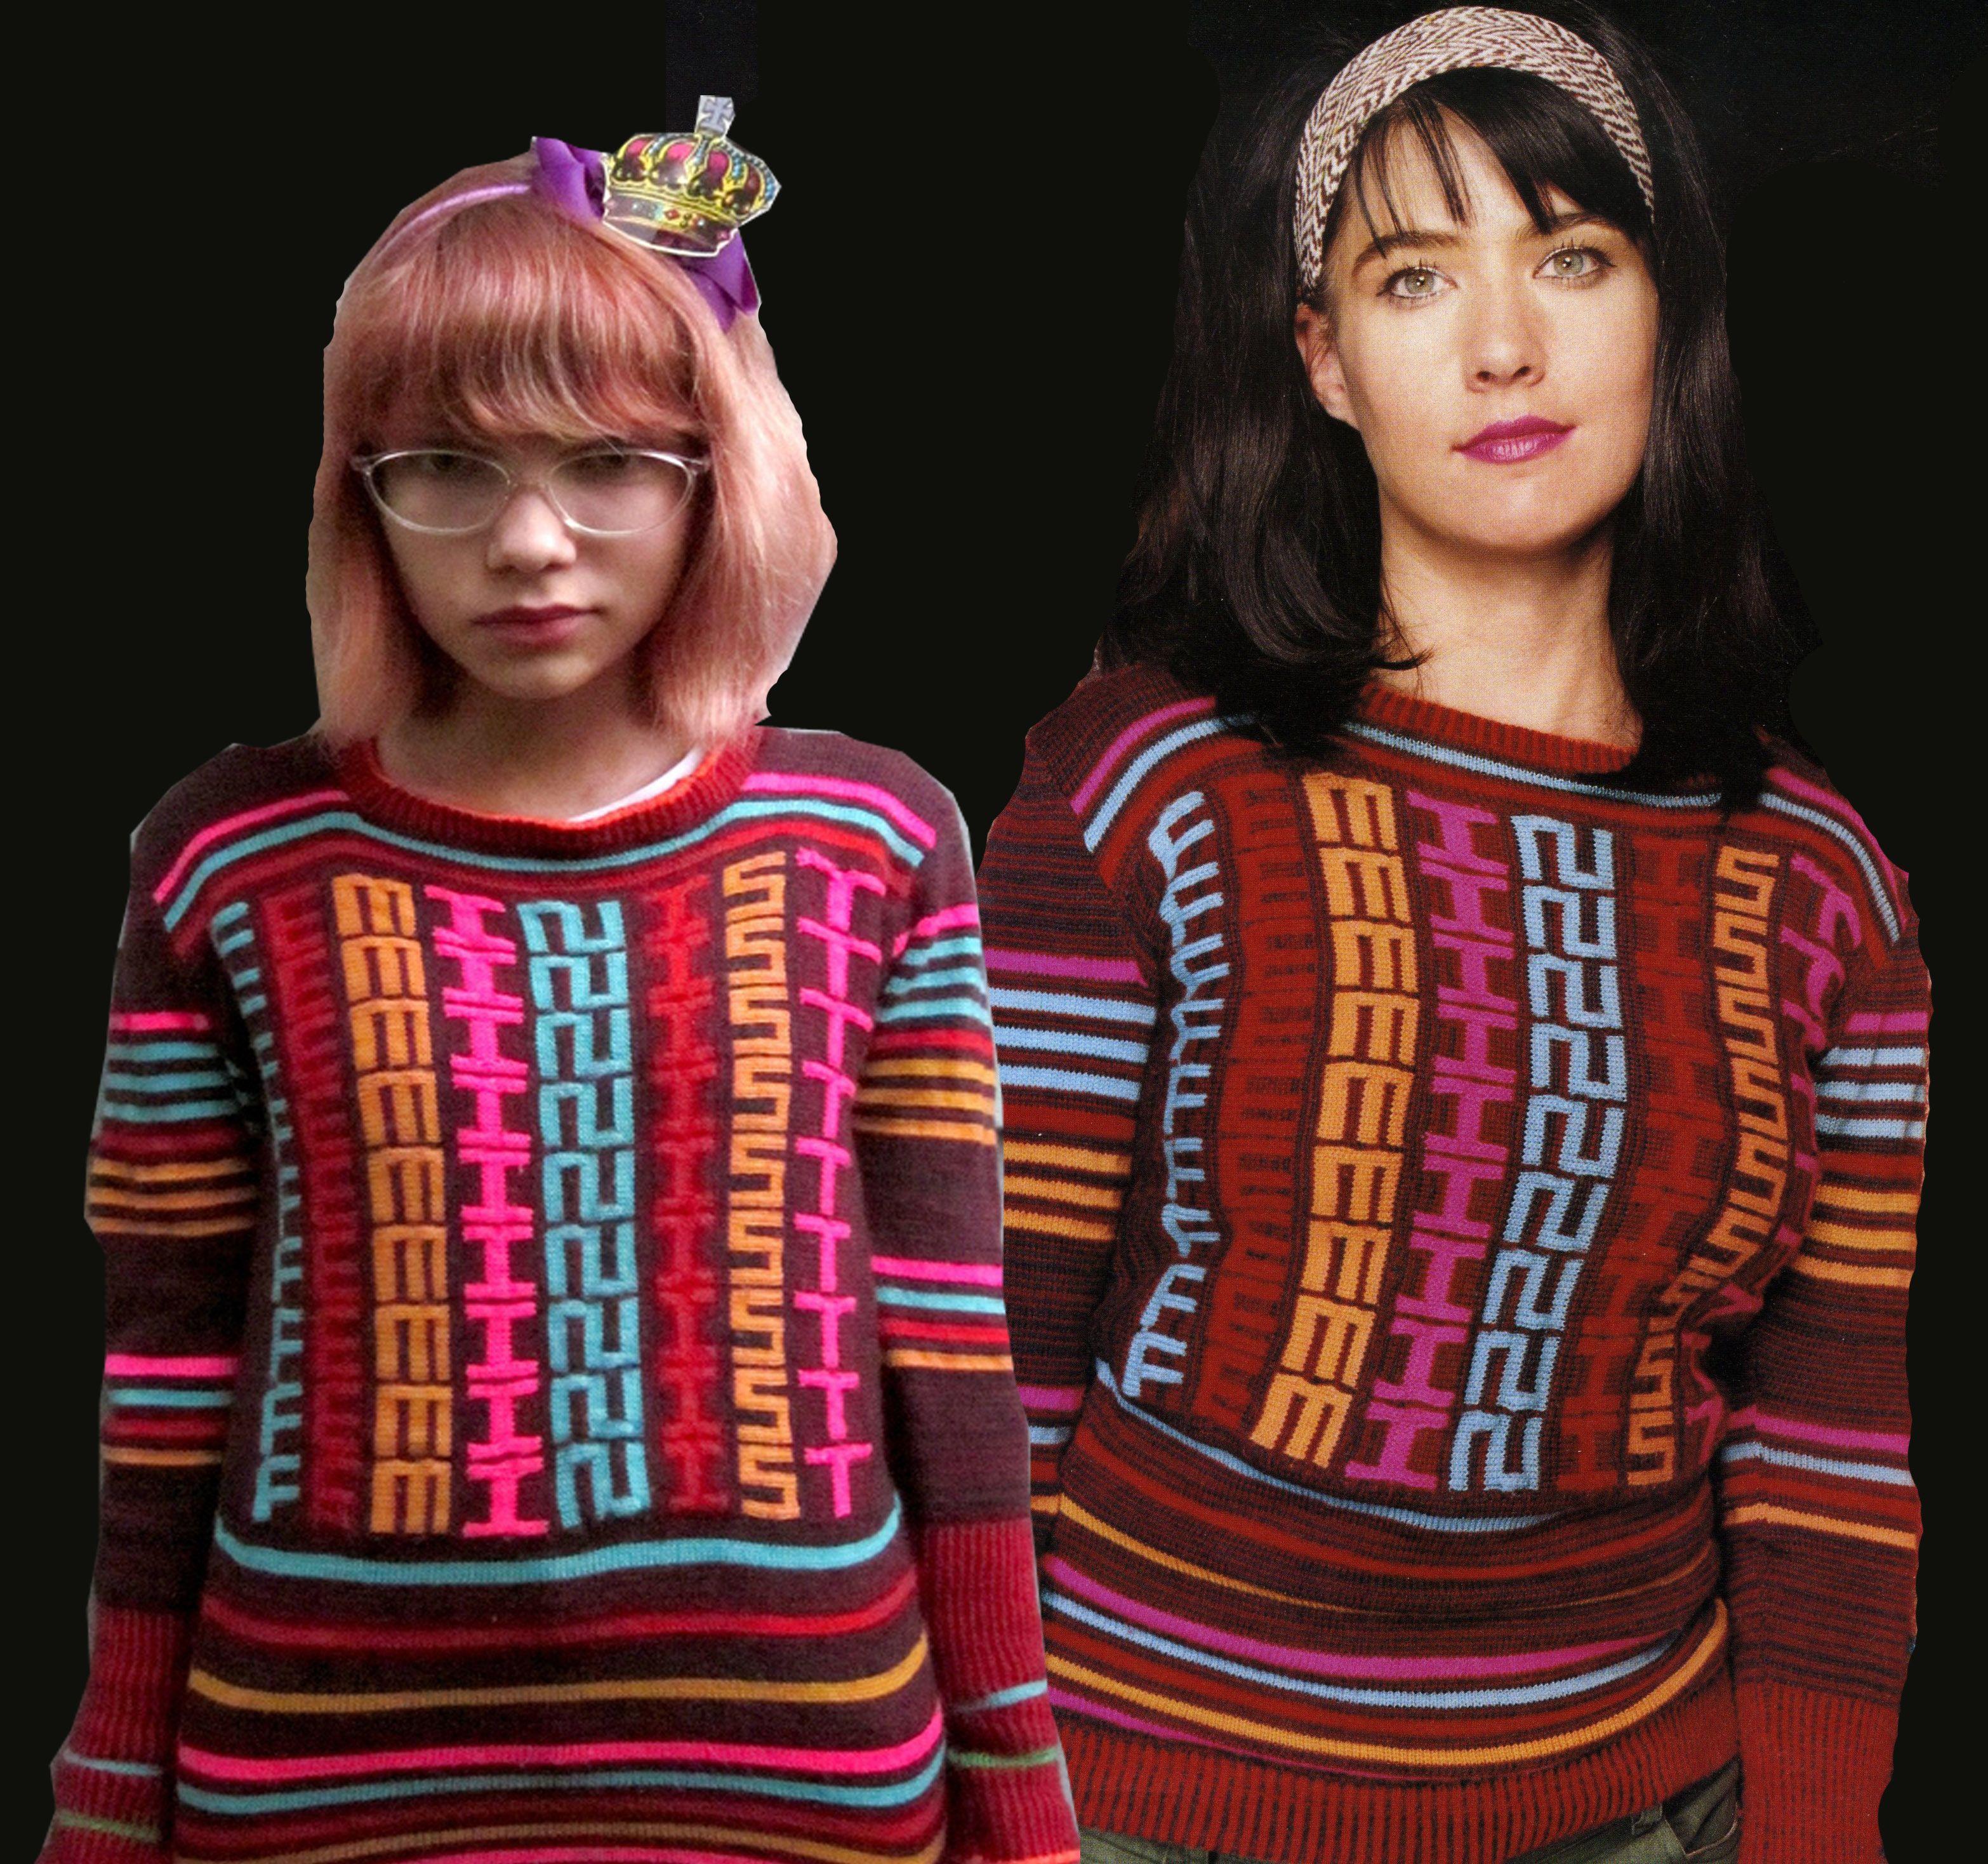 Dyke The Halls Fe Le Le Lesbians Ugly Christmas Sweater Myprideshop